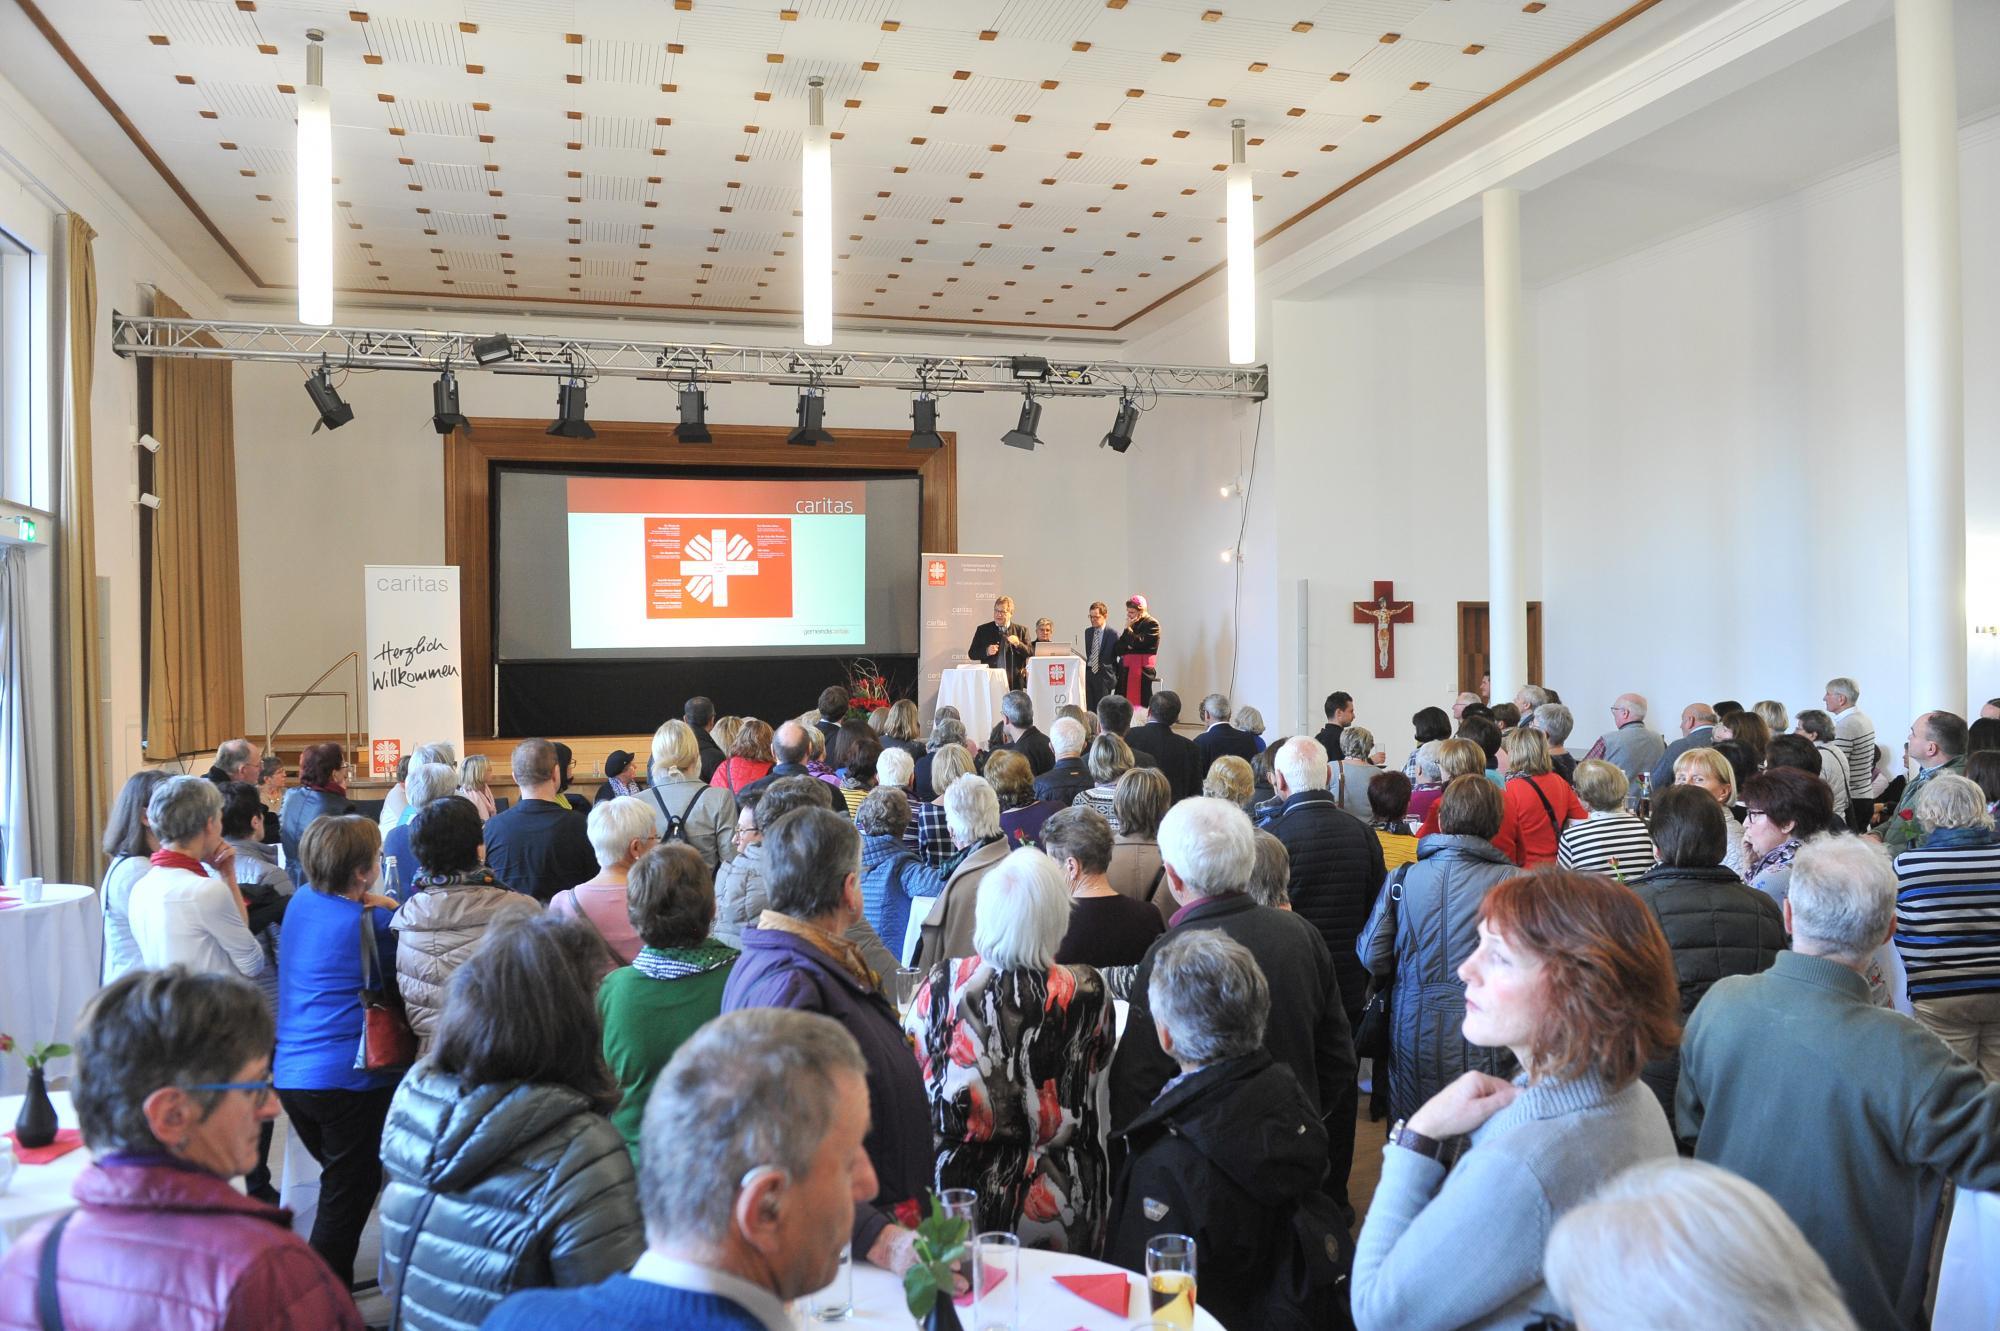 Über-450-Ehrenamtliche-beim-Treffen-in-St.-Valentin-8822